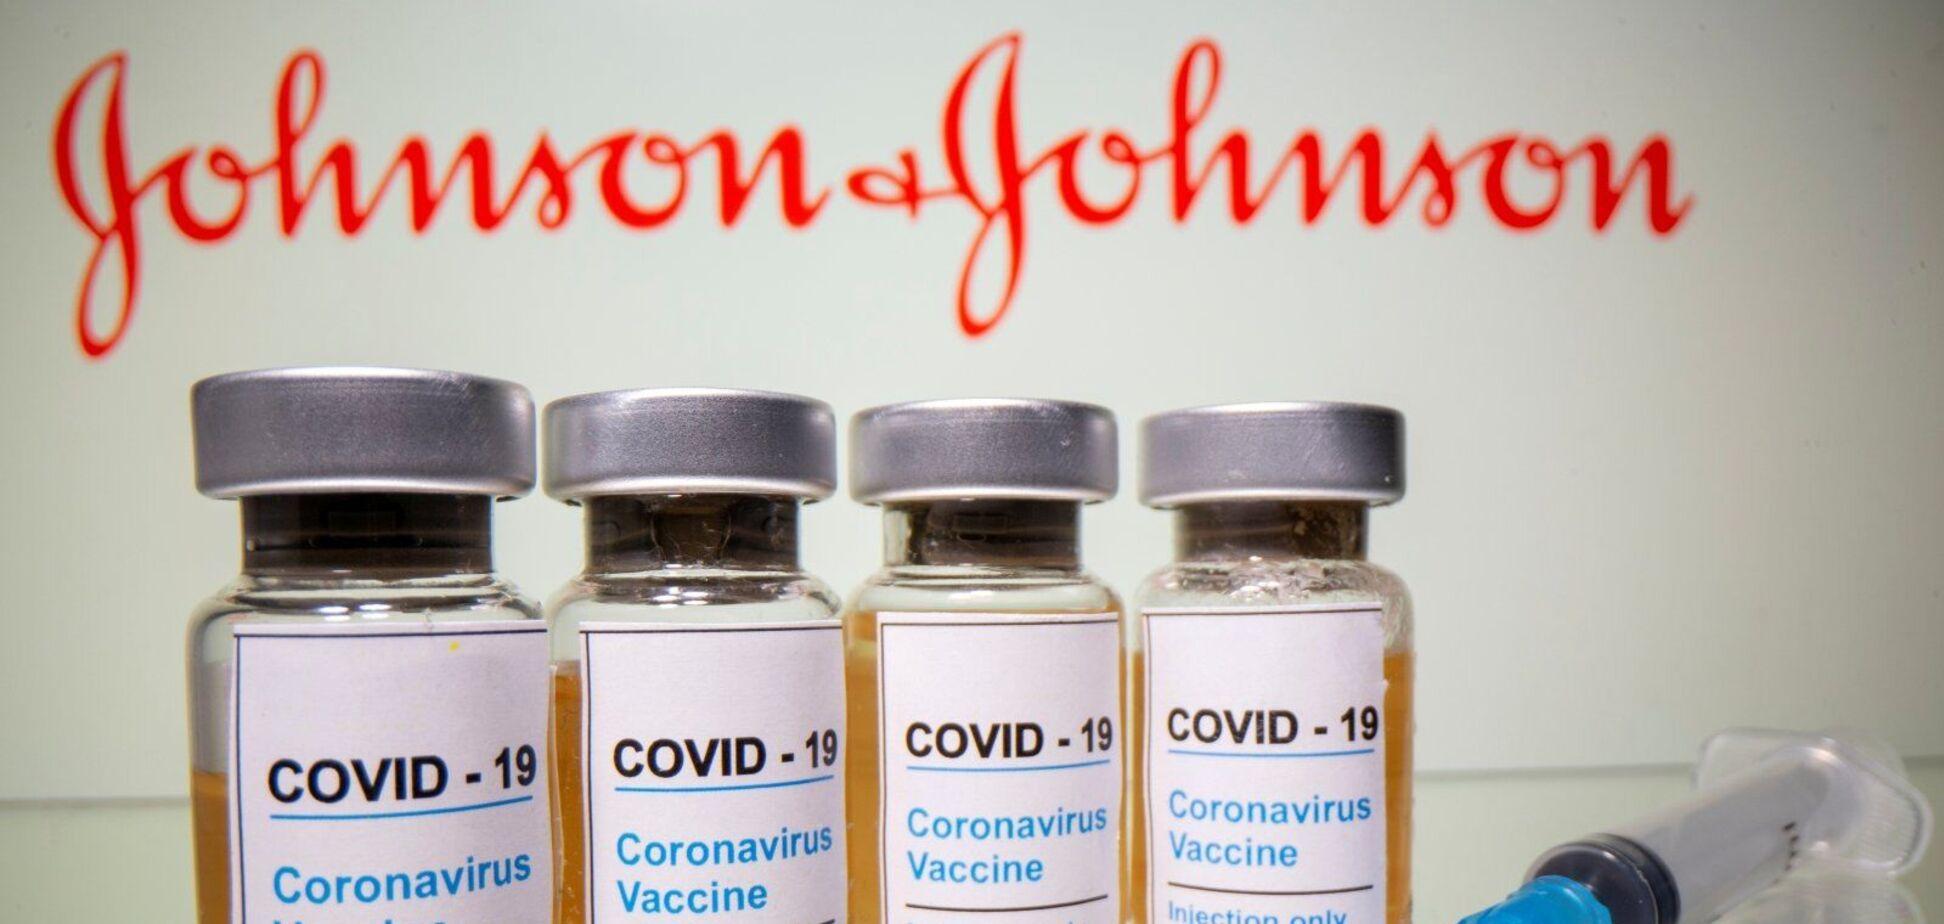 У Johnson & Johnson заявили про брак доказів зв'язку між їхньою вакциною та тромбозами